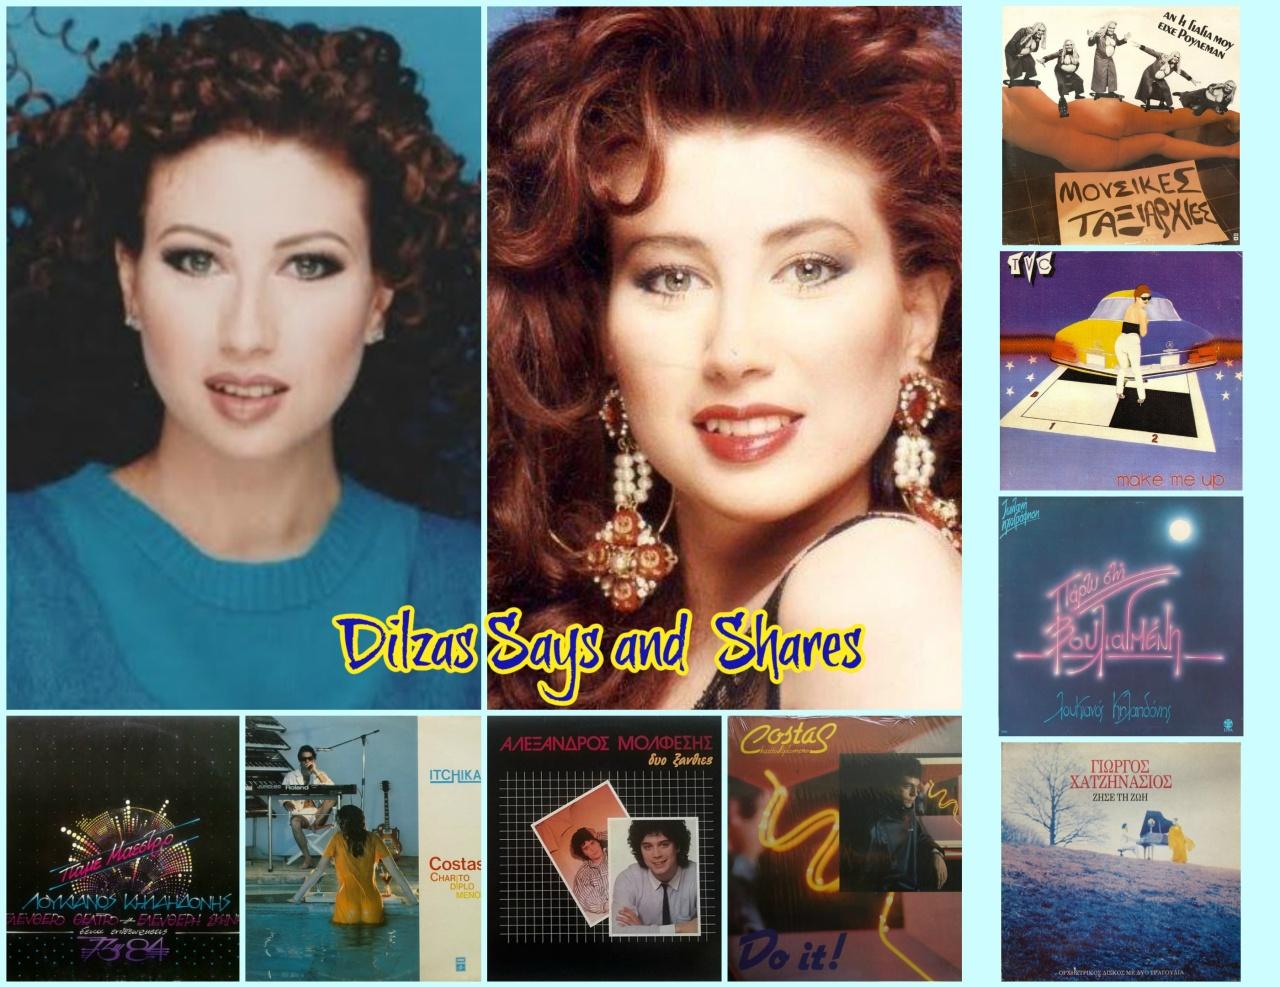 Η Μαντώ είχε συμμετάσχει σε σπουδαίους δίσκους Eλληνικού Rock,  New Wave και Italo Disco (και όχι μόνο) της Ελληνικής δισκογραφίας πριν κυκλοφορήσει το πρώτο τηςsingle!